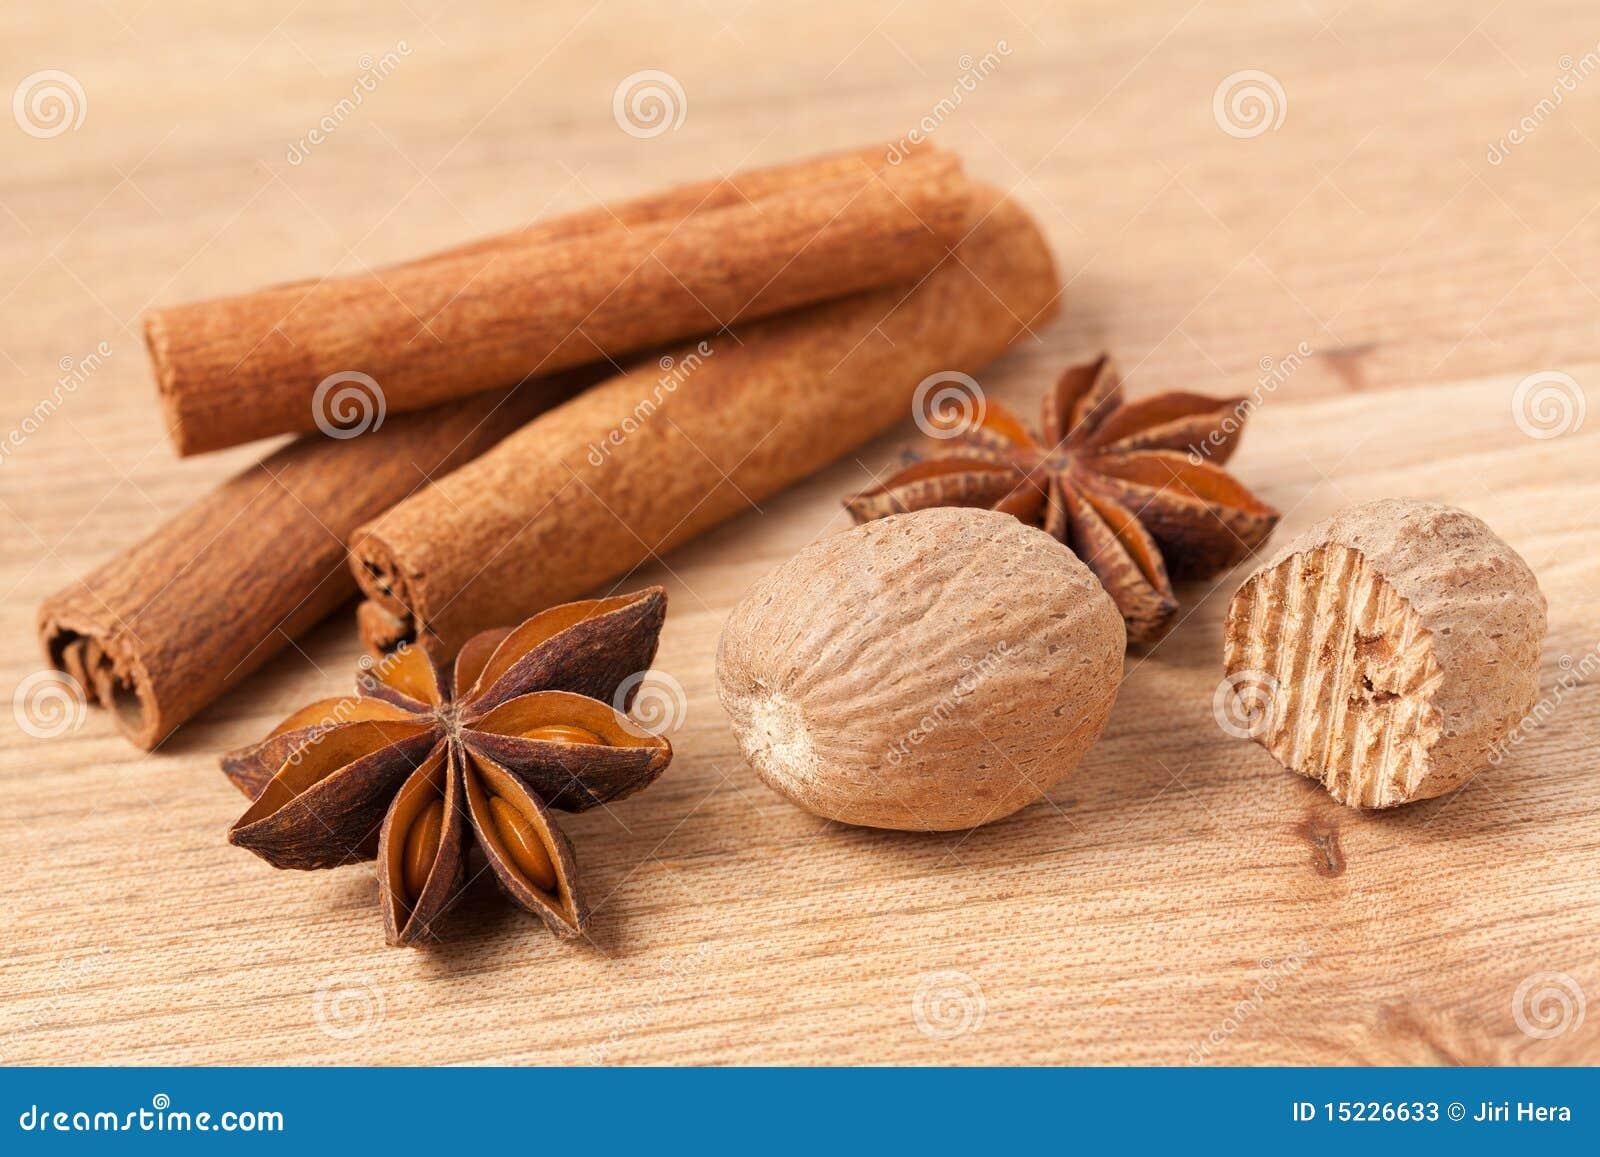 Cannelle anis et noix de muscade image stock image for Noix de muscade cuisine